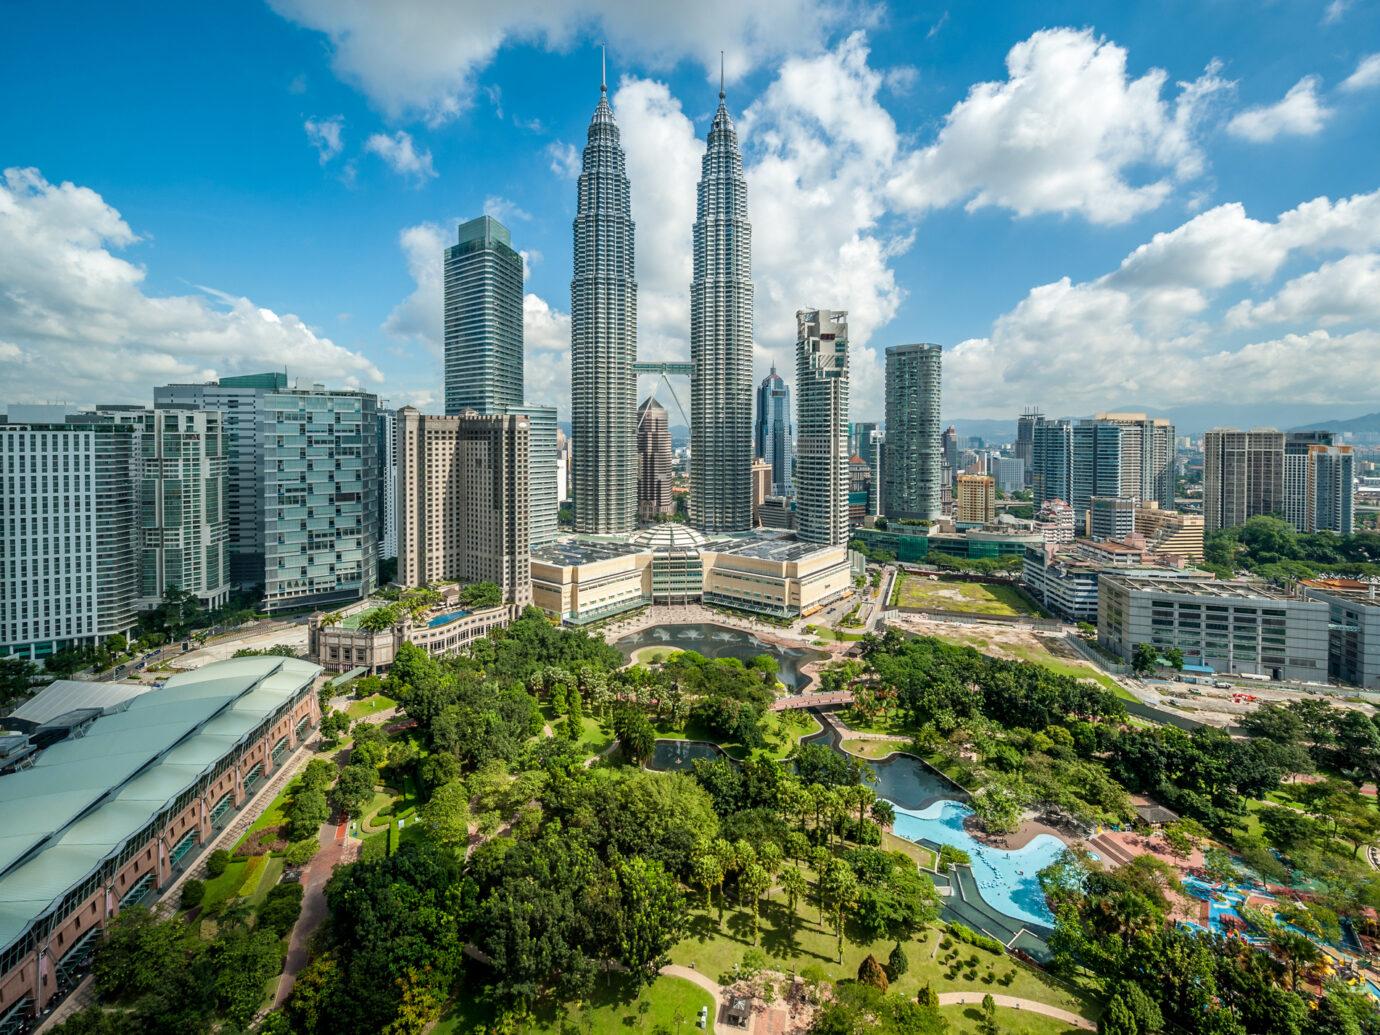 Kuala Lumpur skyline overlook, Malaysia